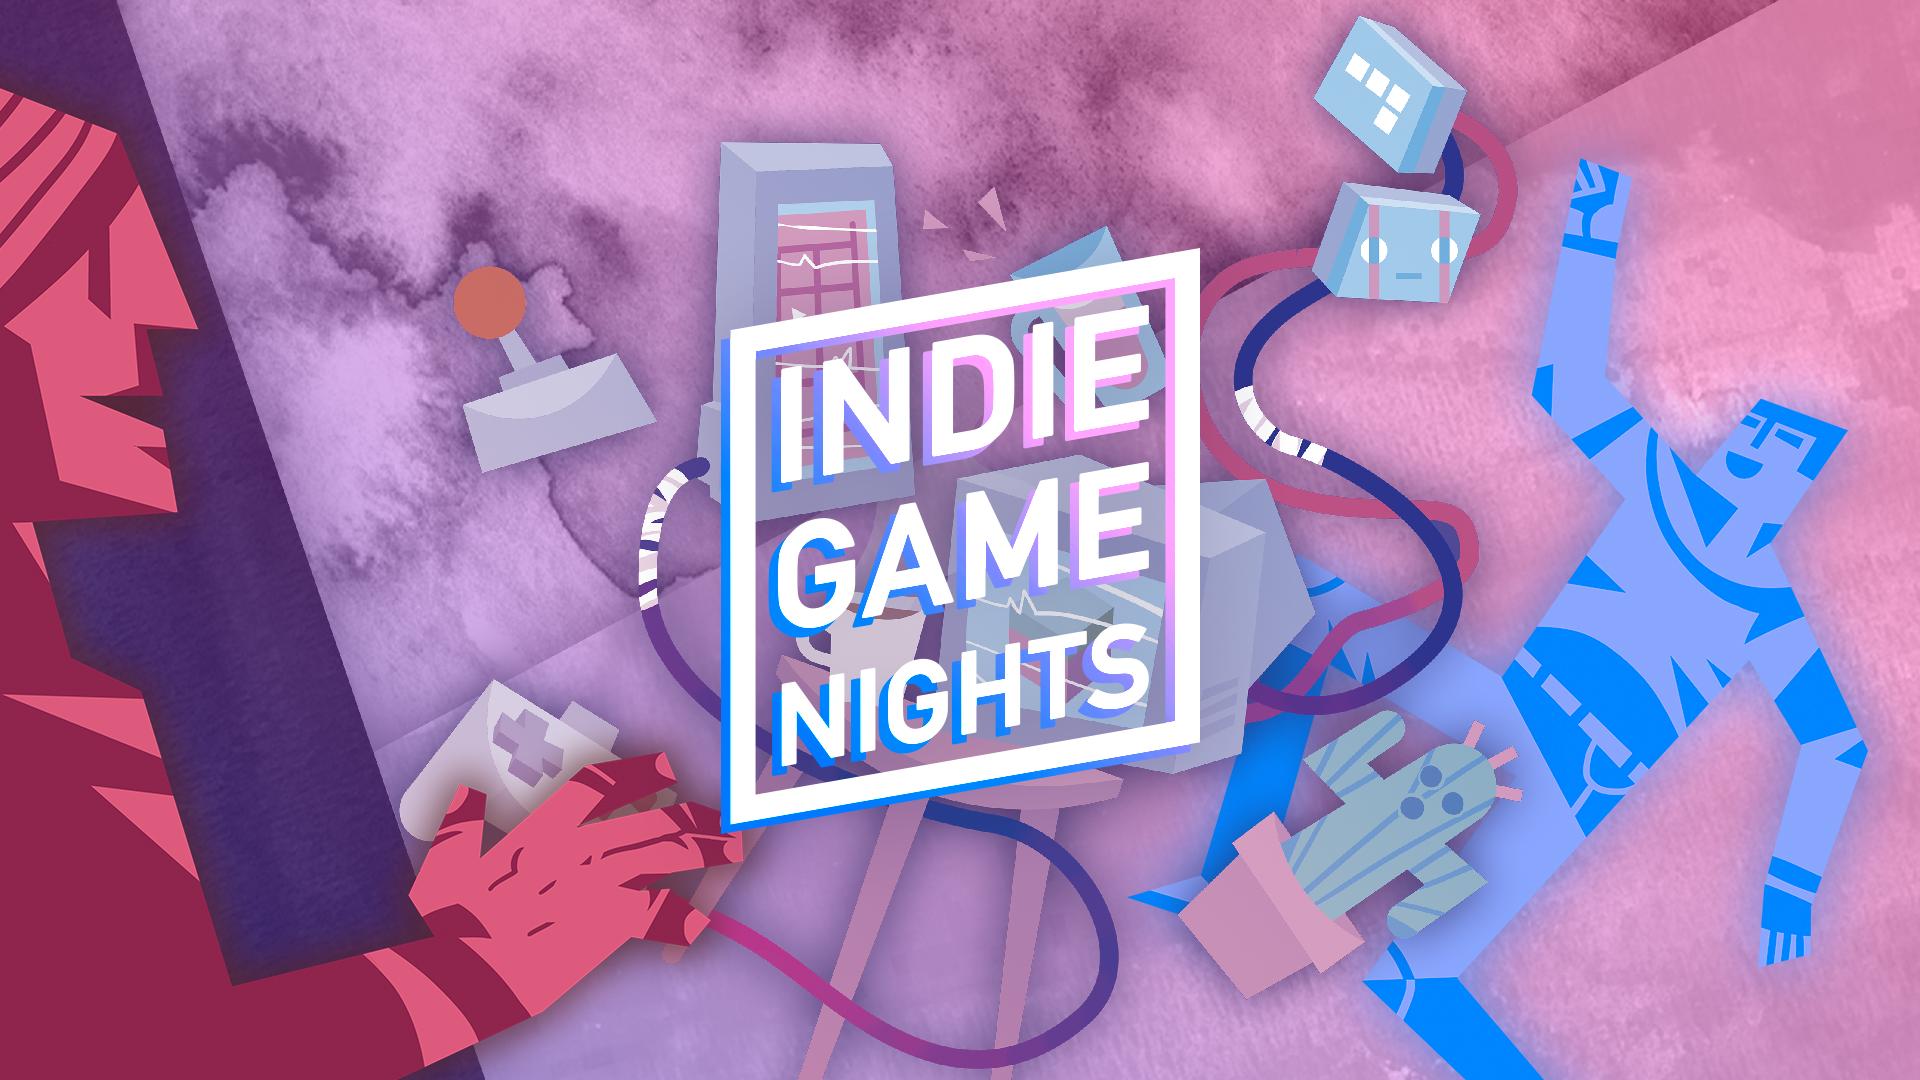 Indie Game Night #9